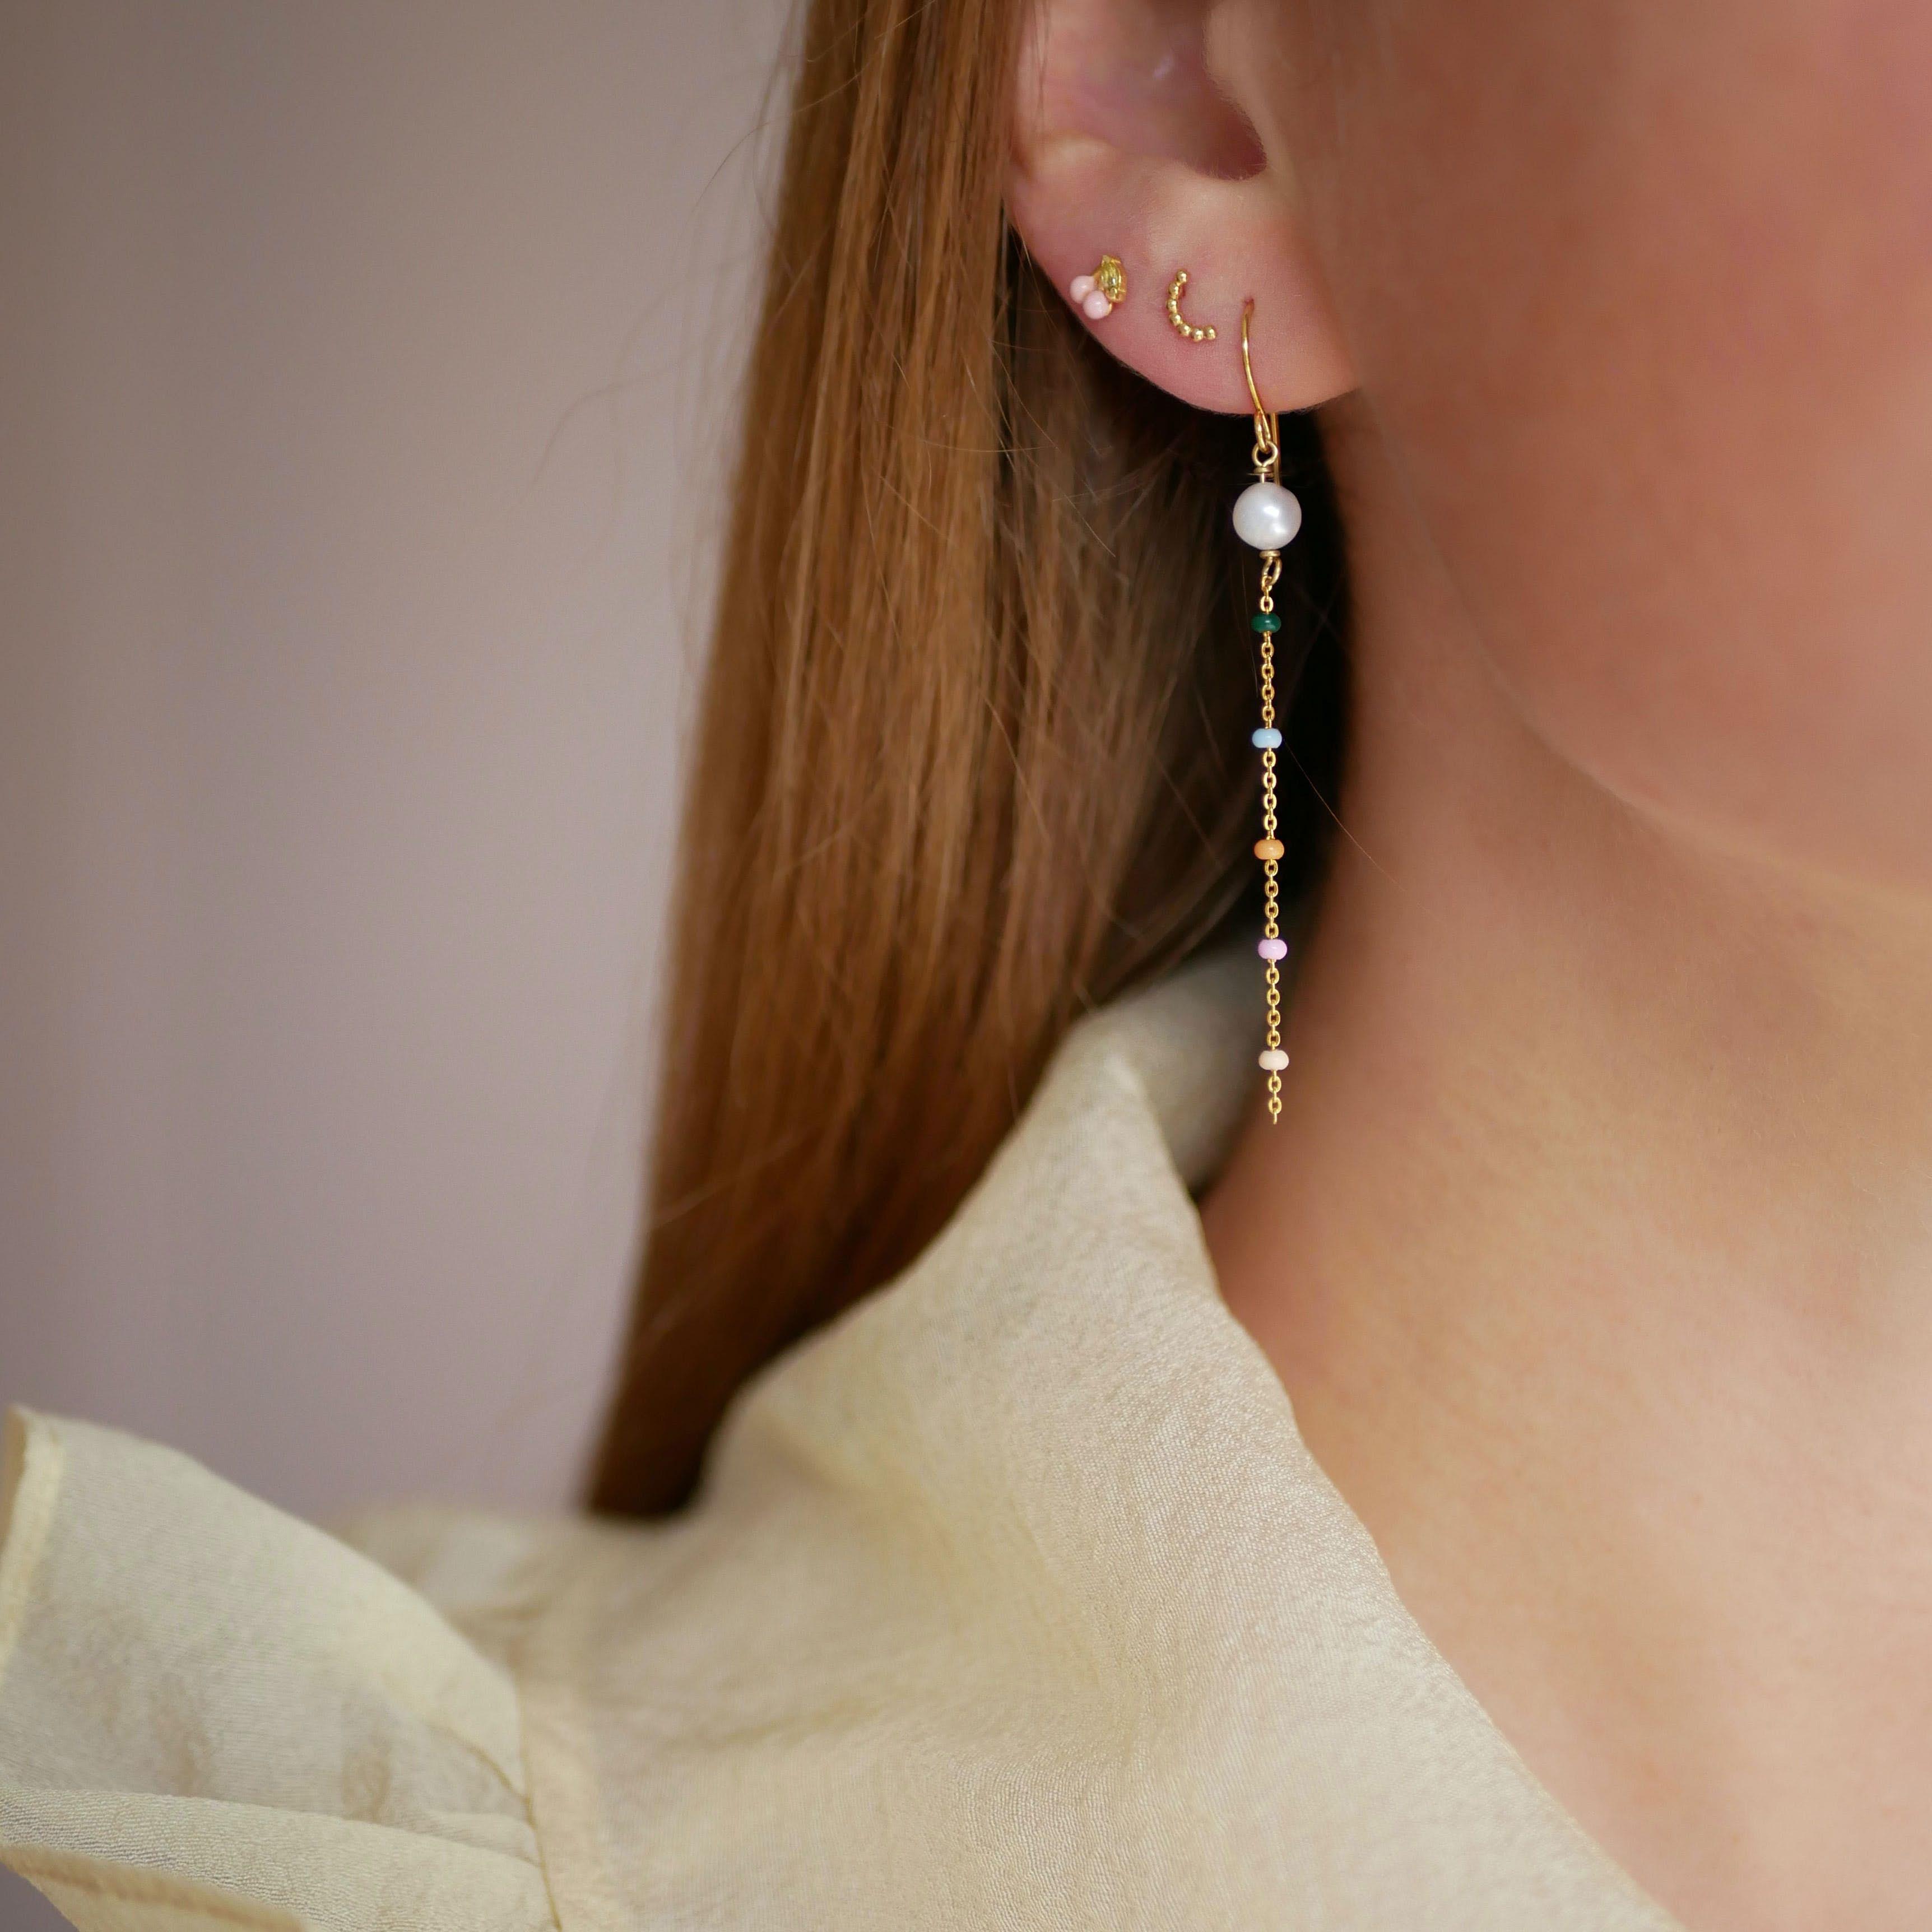 Lola Perlita Earrings Dreamy Pearl from Enamel Copenhagen in Goldplated-Silver Sterling 925